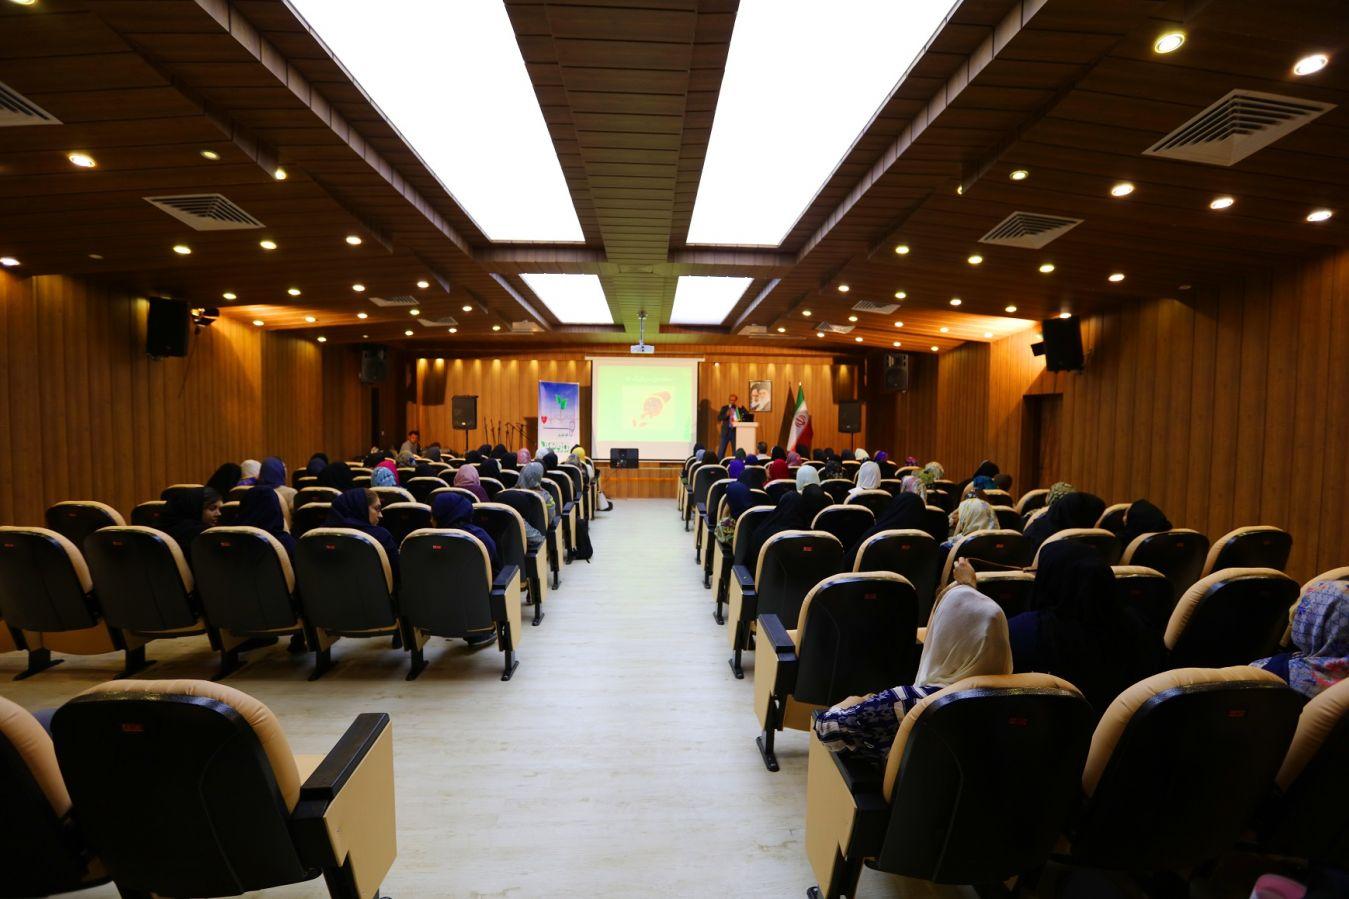 برگزاری سخنرانی در بوستان بهشت مادران با همکاری شهرداری منطقه 3 تهران